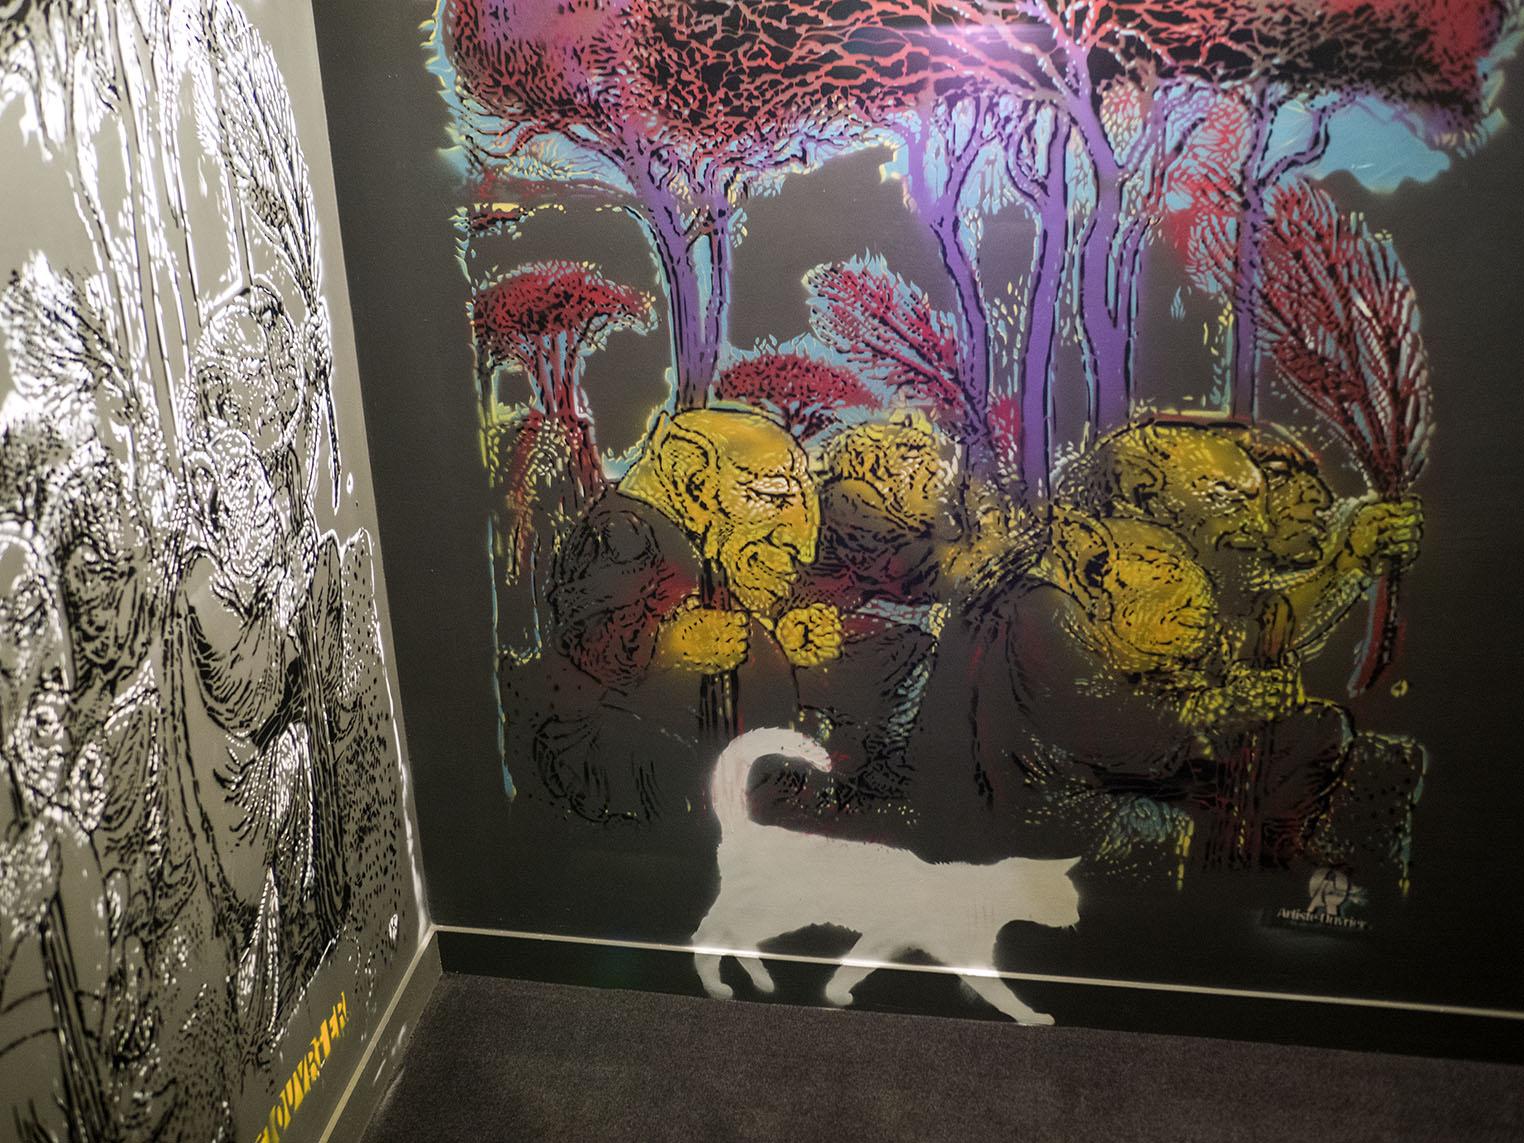 På väg ner till toaletten på en restaurang möter jag denna väggmålning som för tankarna till Disneys Aristocats. Olympus OM-D E-M1 II, Zuiko 50 mm 1,2 1/20 och bländare 1,2, 800 Asa.